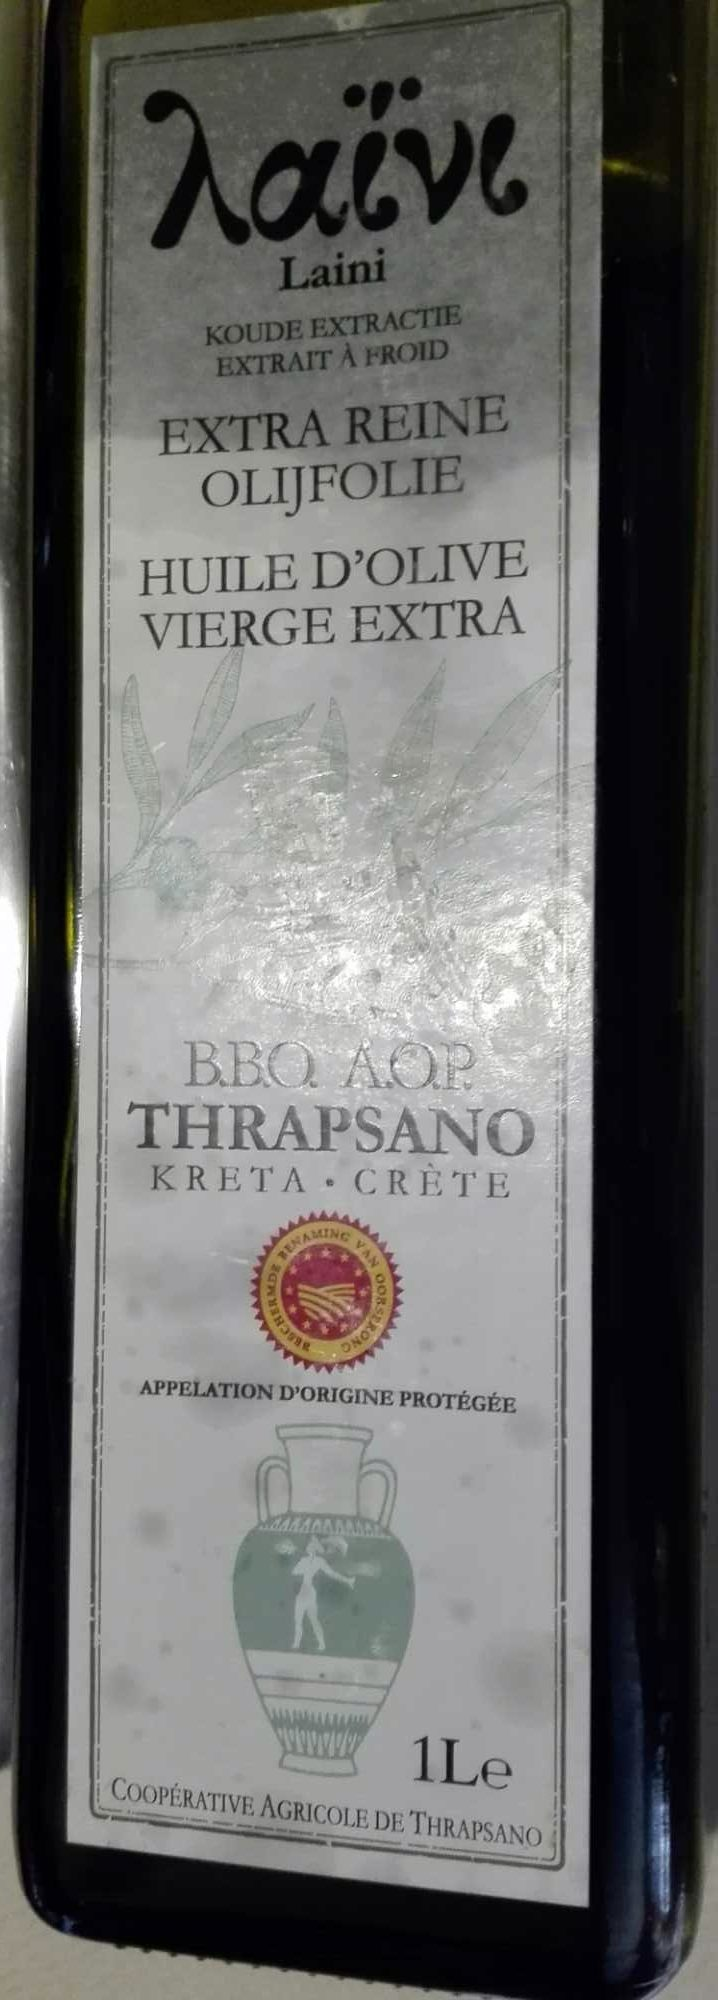 Huile d'olive vierge extra de Crète - Produit - fr